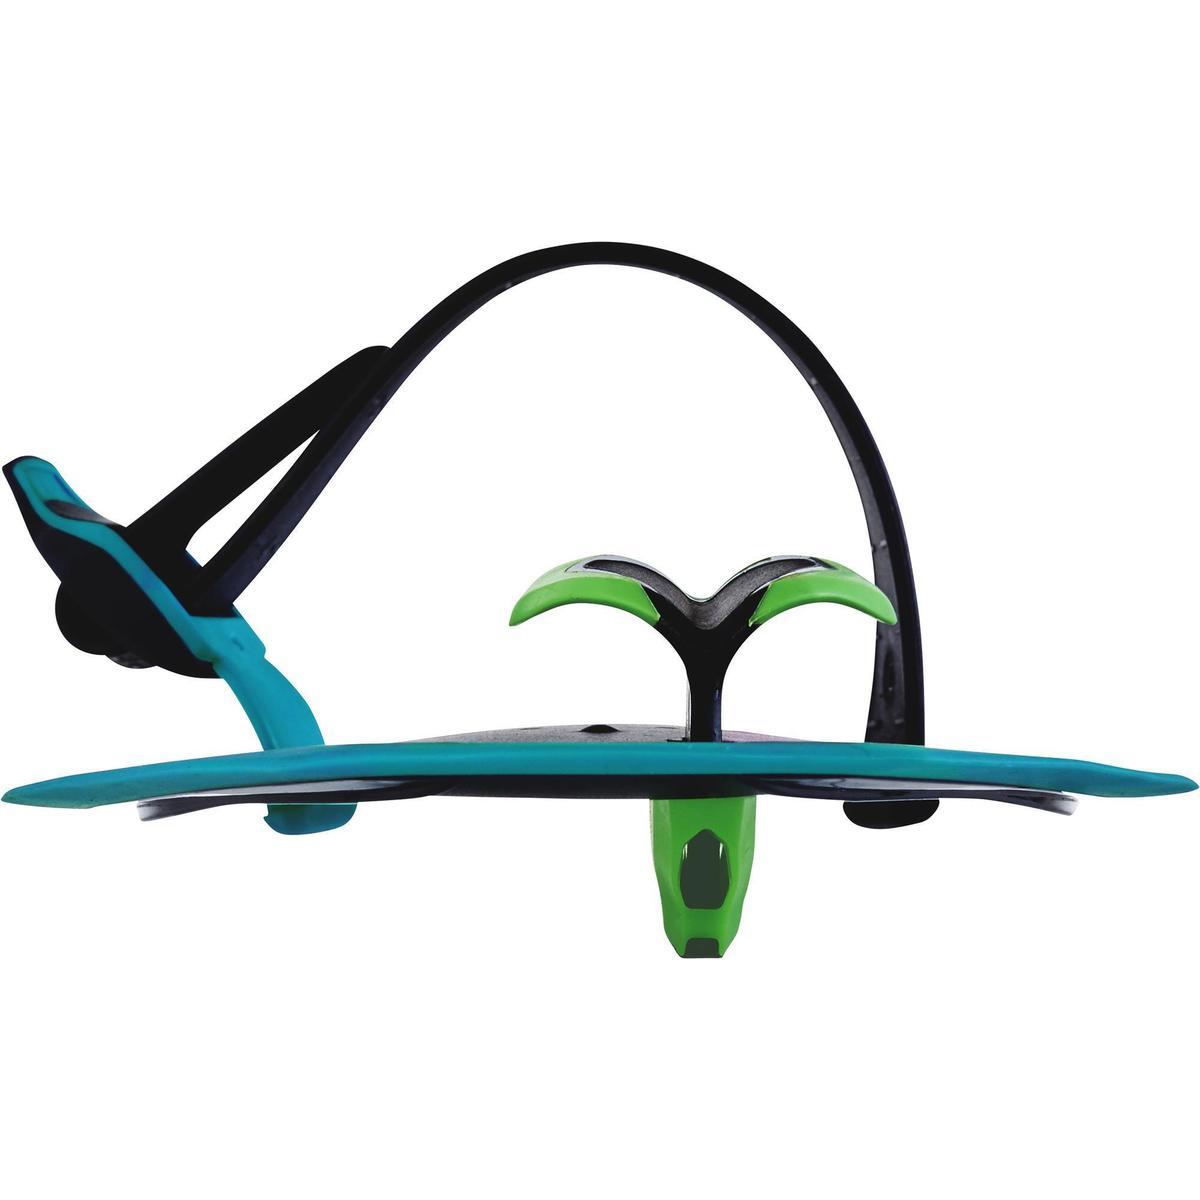 Bild 3 von Schwimmpaddles Quick´In blau/grün